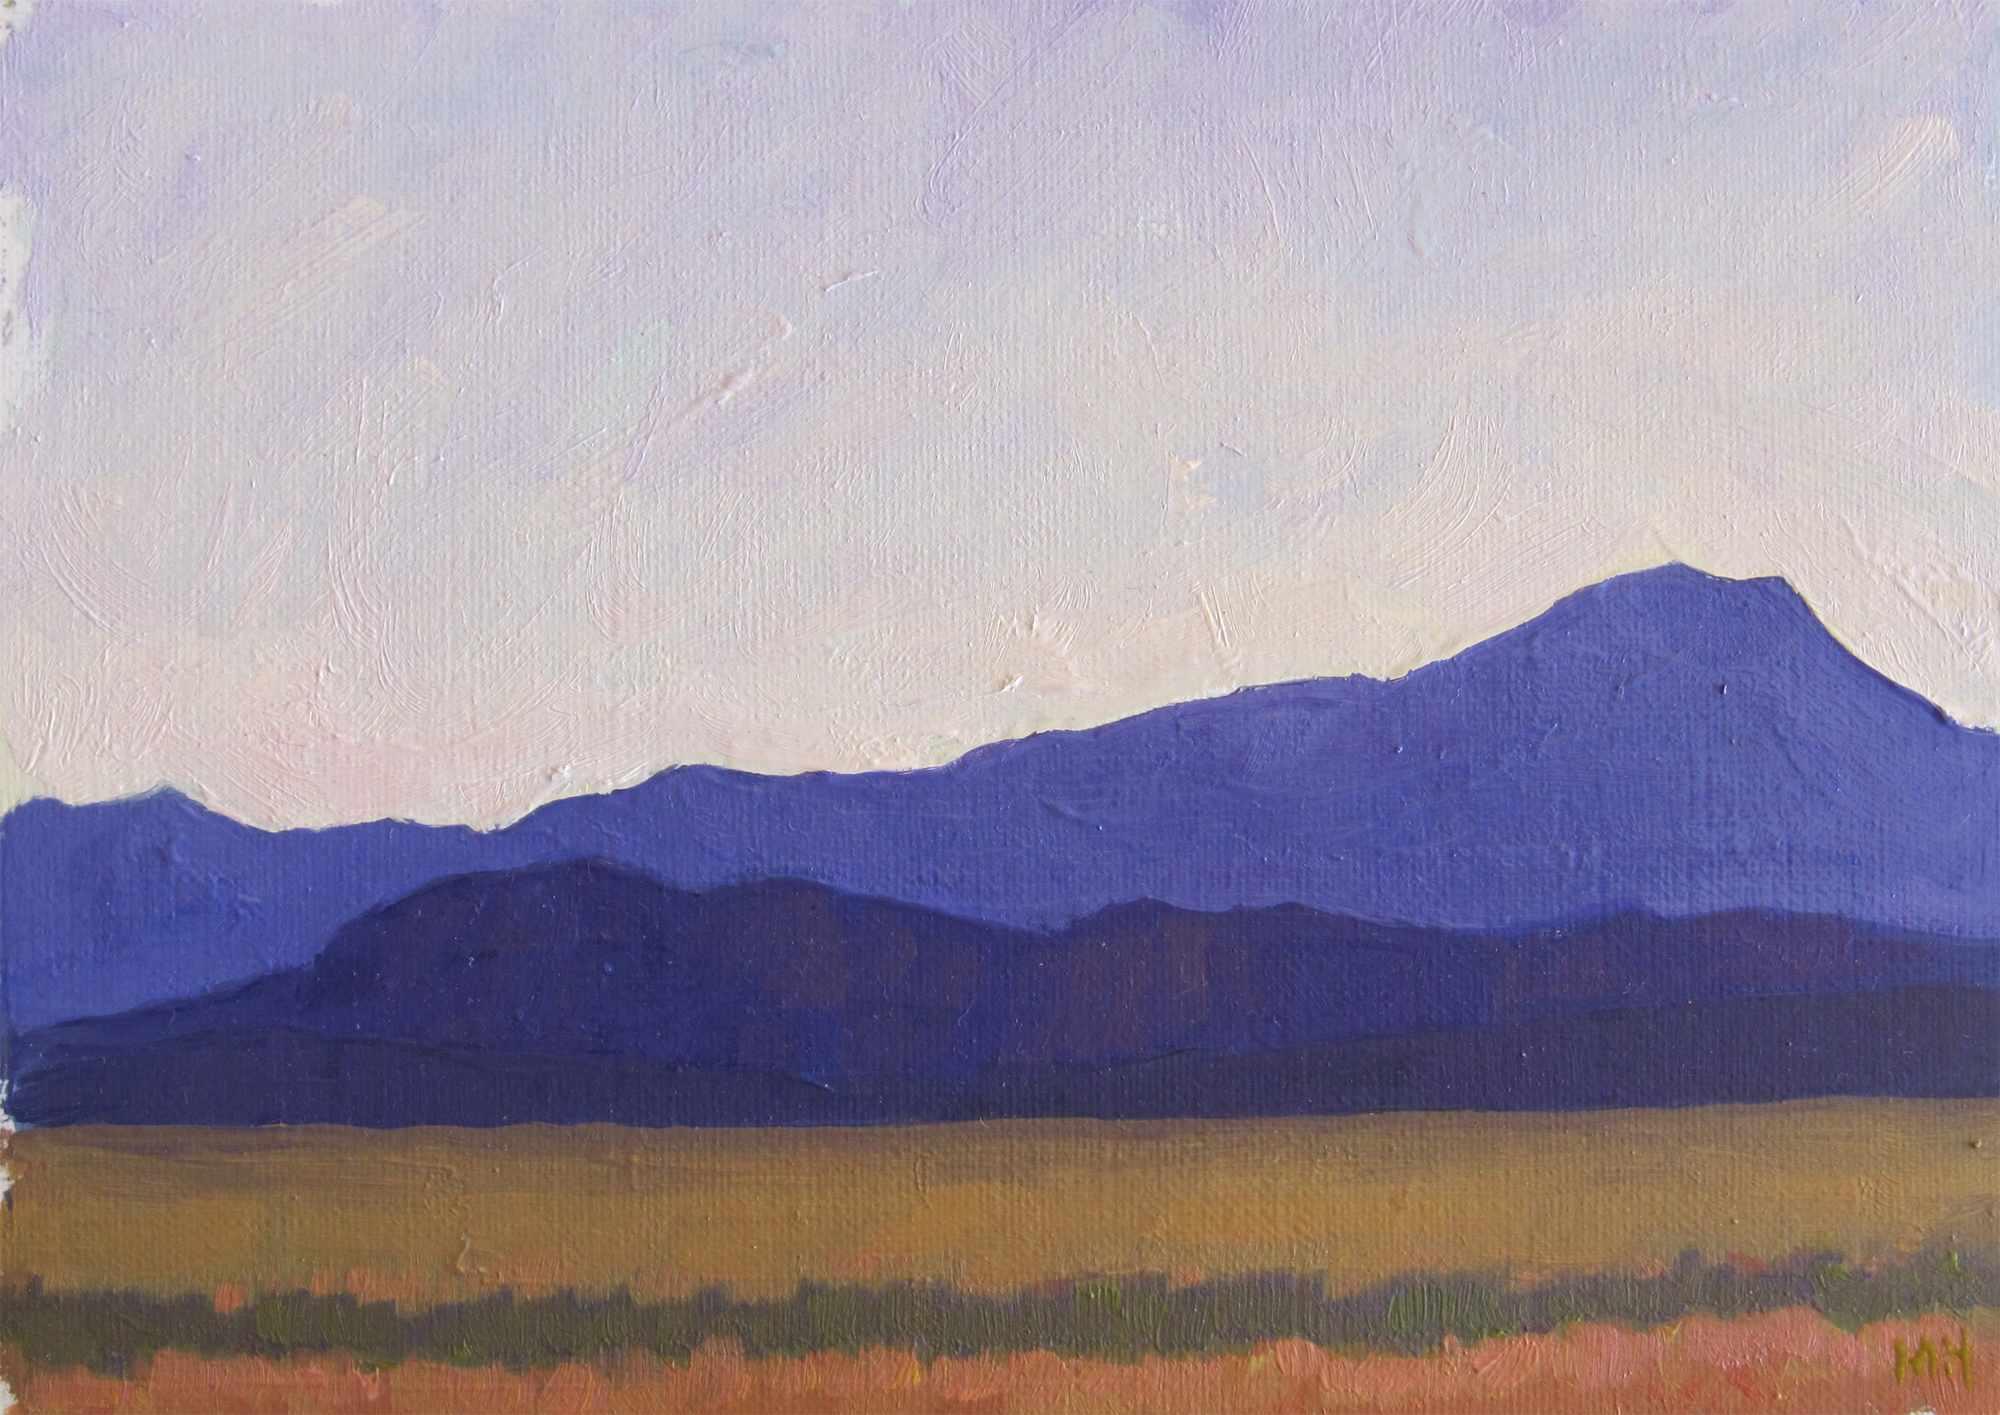 Buena Vista Sunrise by  Melissa Hefferlin - Masterpiece Online